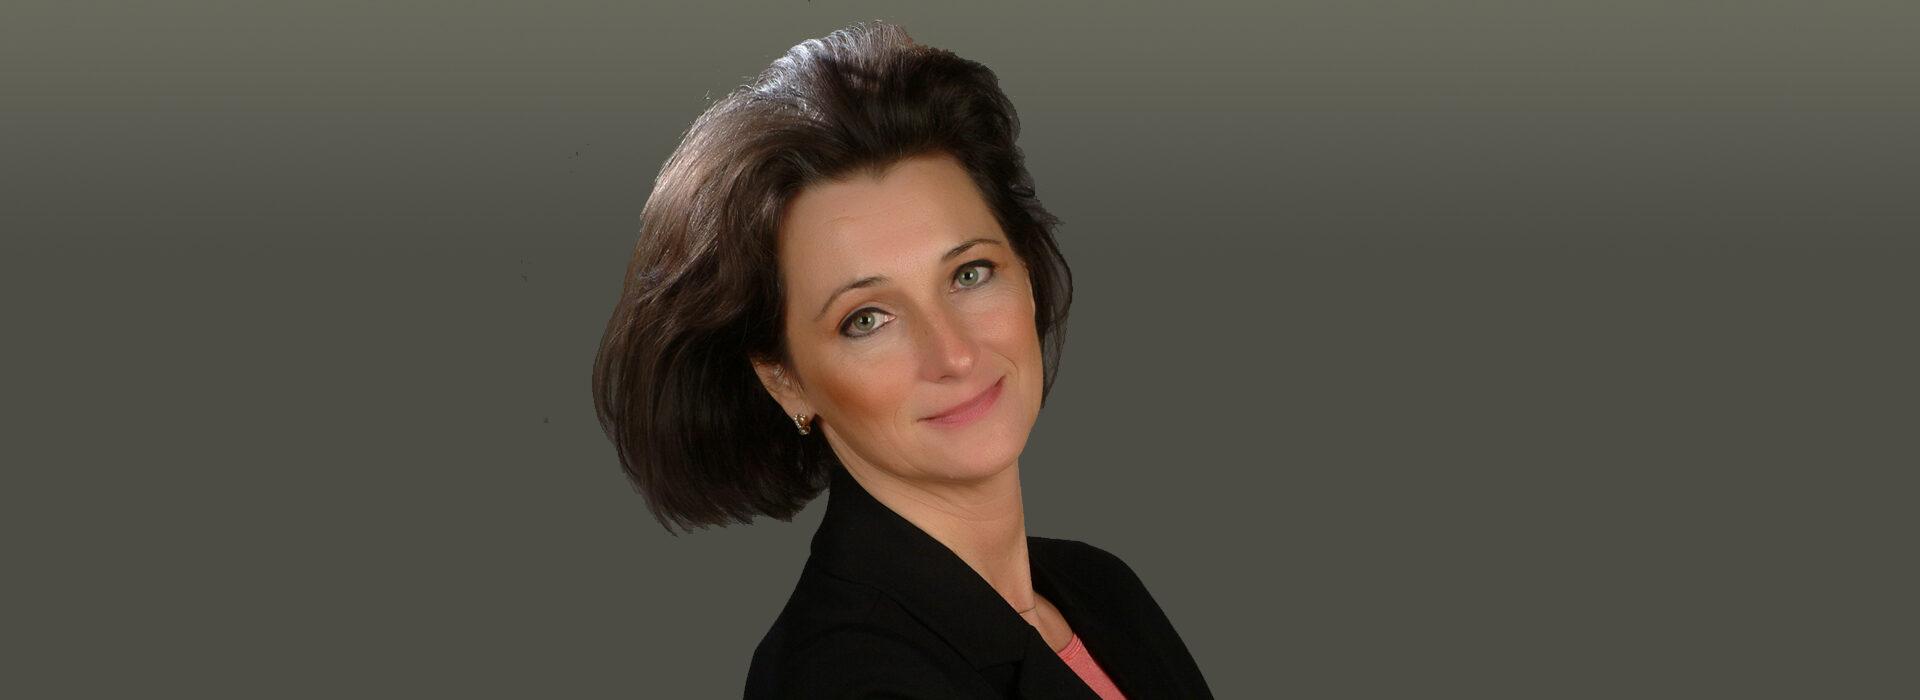 Dr. Cs. Szabó Zsuzsanna